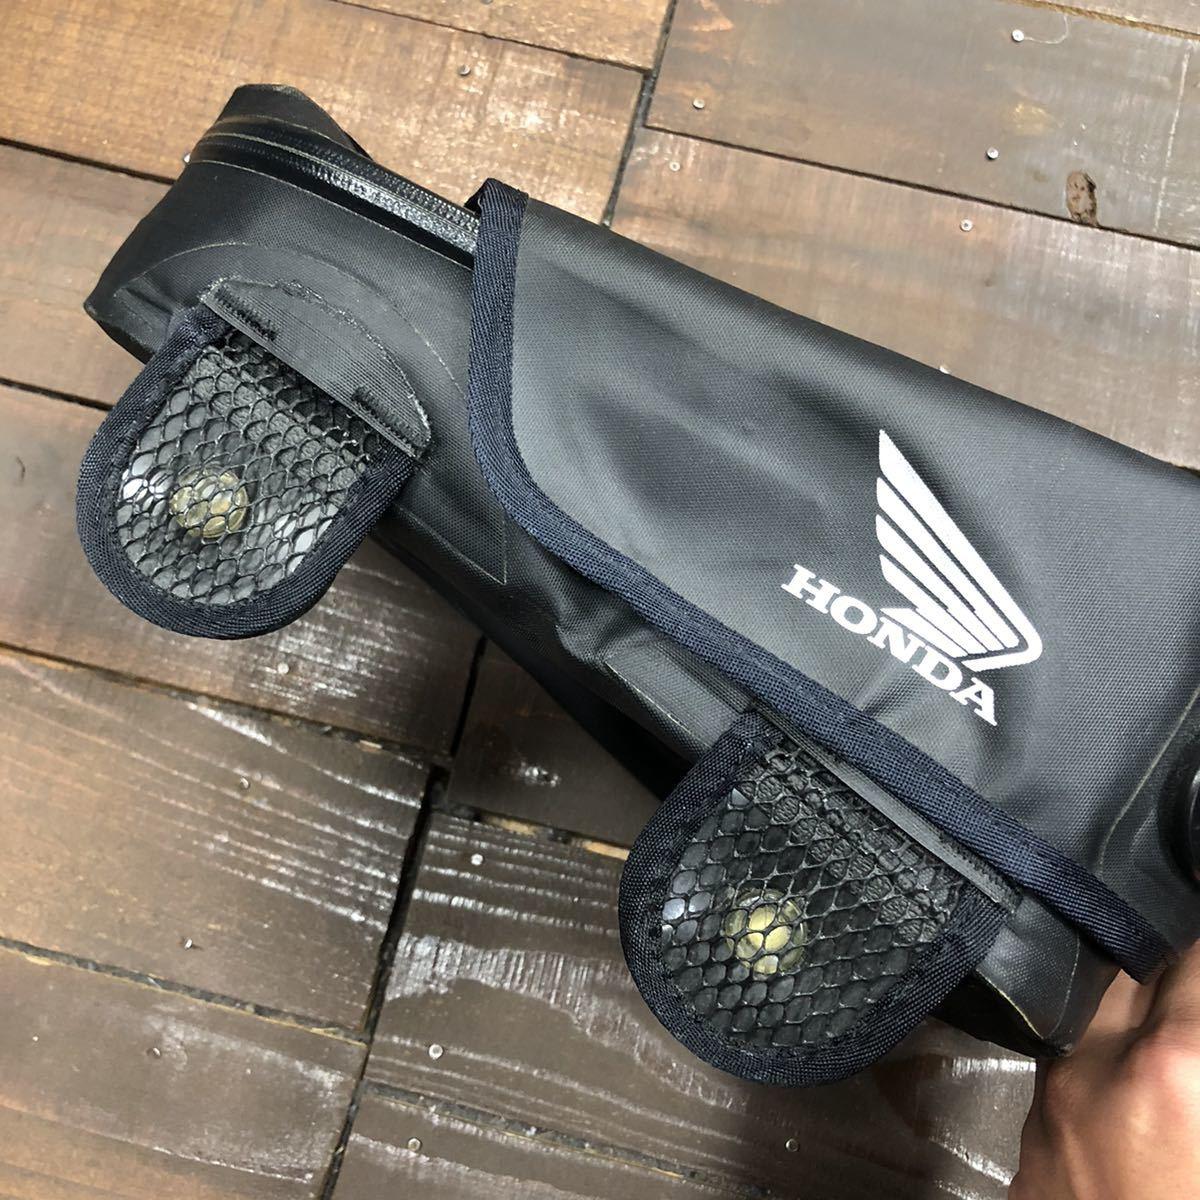 HONDA ホンダ スポルトシート バッグ バイク 中古 使用感あり 止水ジップ ブラック 黒_画像4